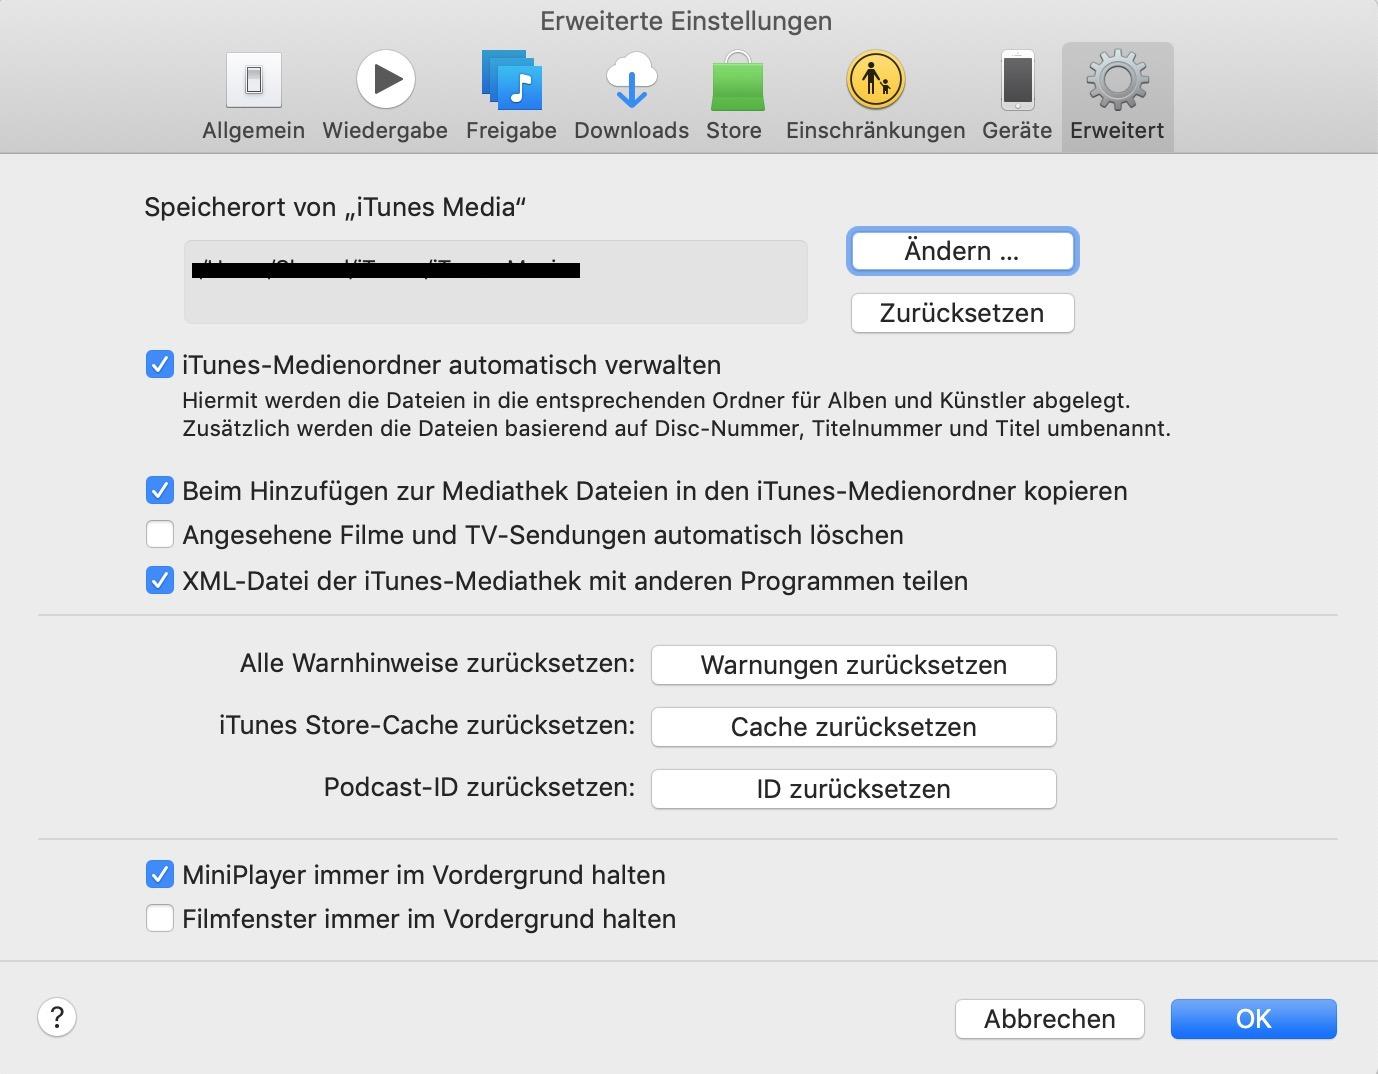 update netzbetreiber einstellungen iphone